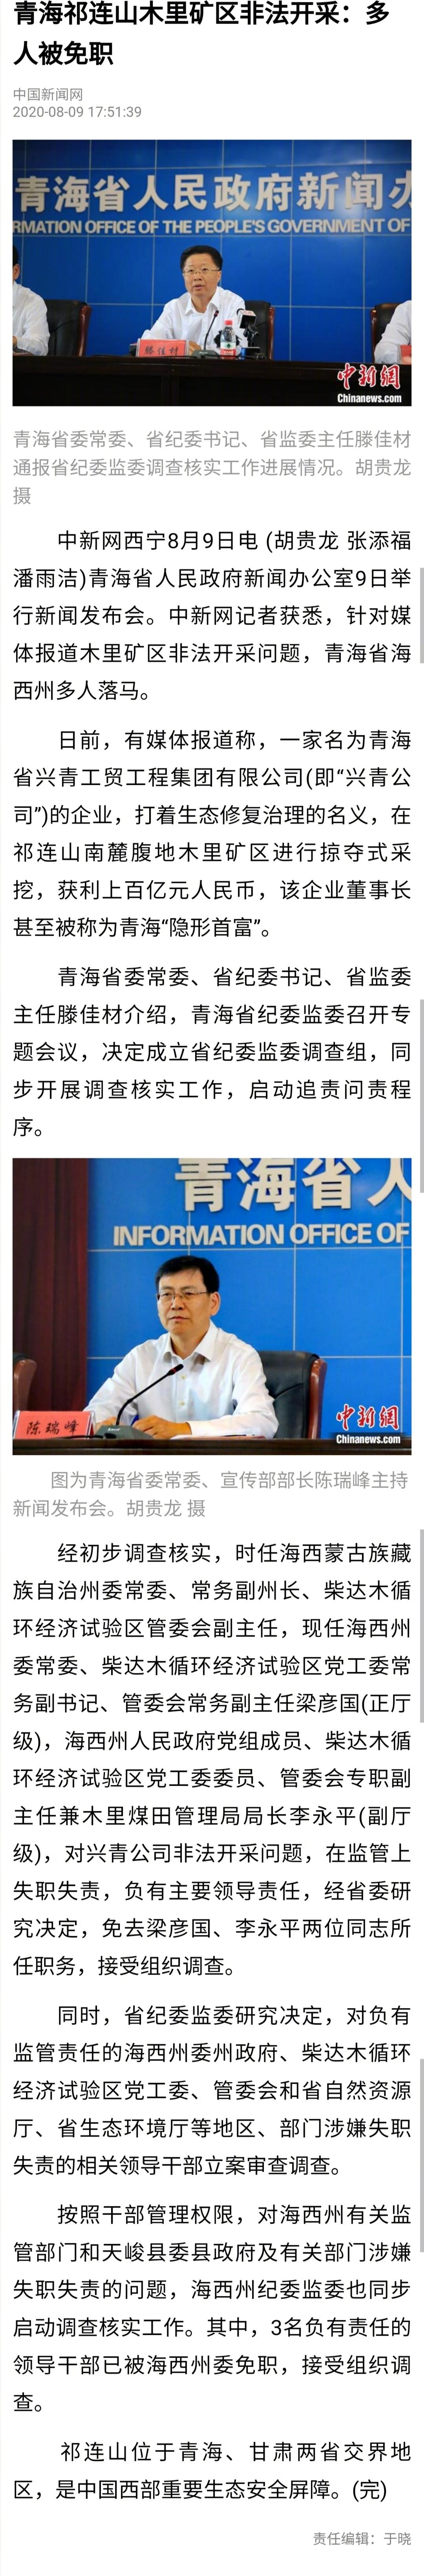 """青海""""隐形首富""""矿区非法开采获利上百亿?多人被免职"""